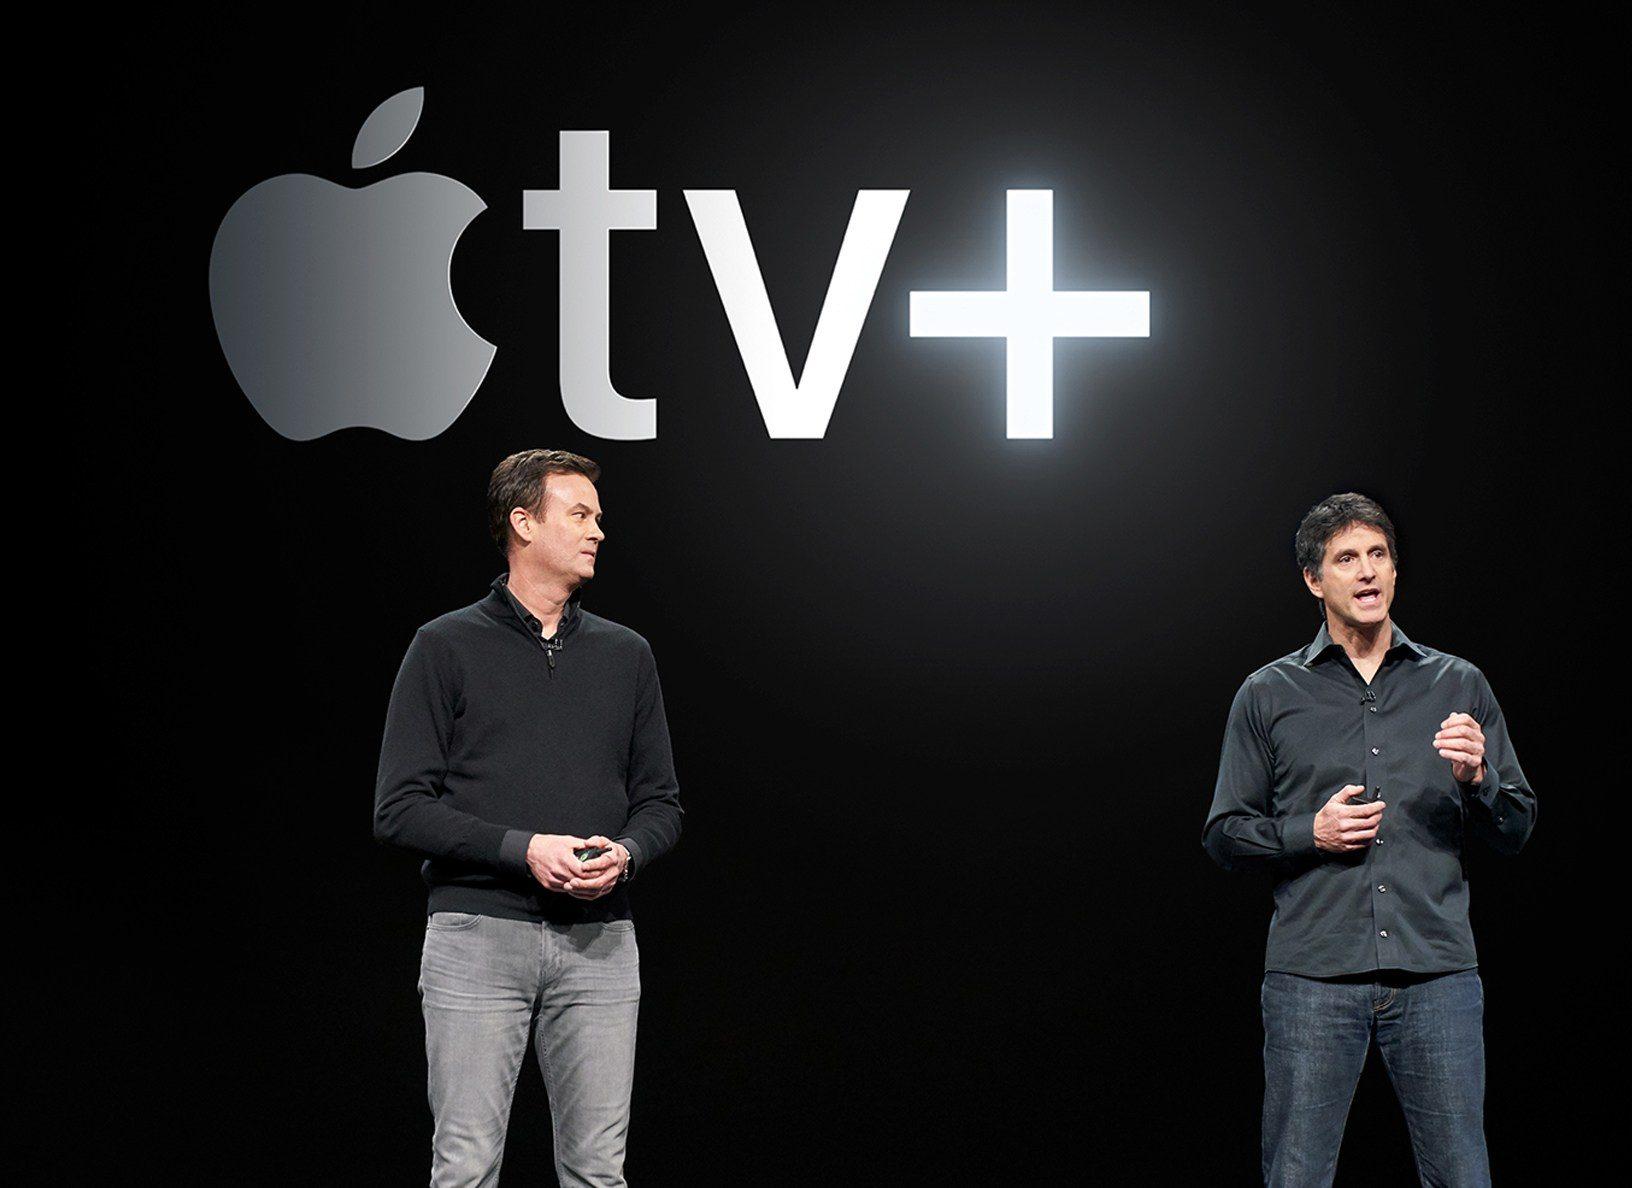 Apple muốn chiếu phim sản xuất cho Apple TV Plus tại rạp trước rồi mới đưa lên mạng